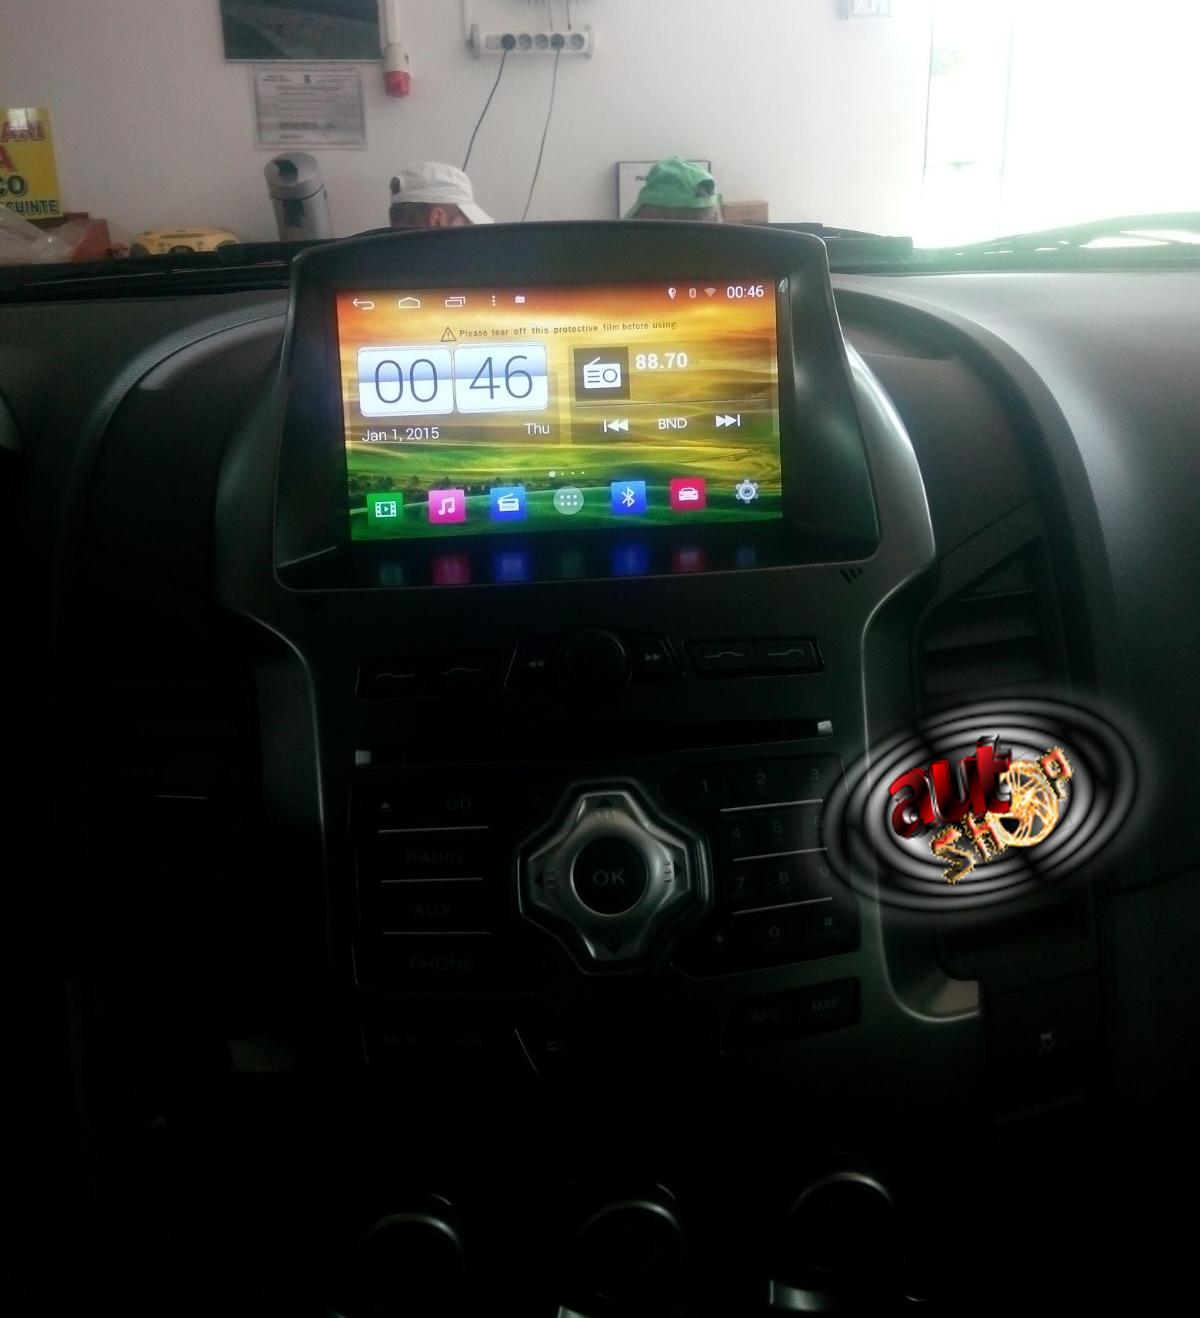 unitate cu gps ford ranger android s160 convorbiri maini libere acces internet conectare camera inregistrare trafic caraudiomarket